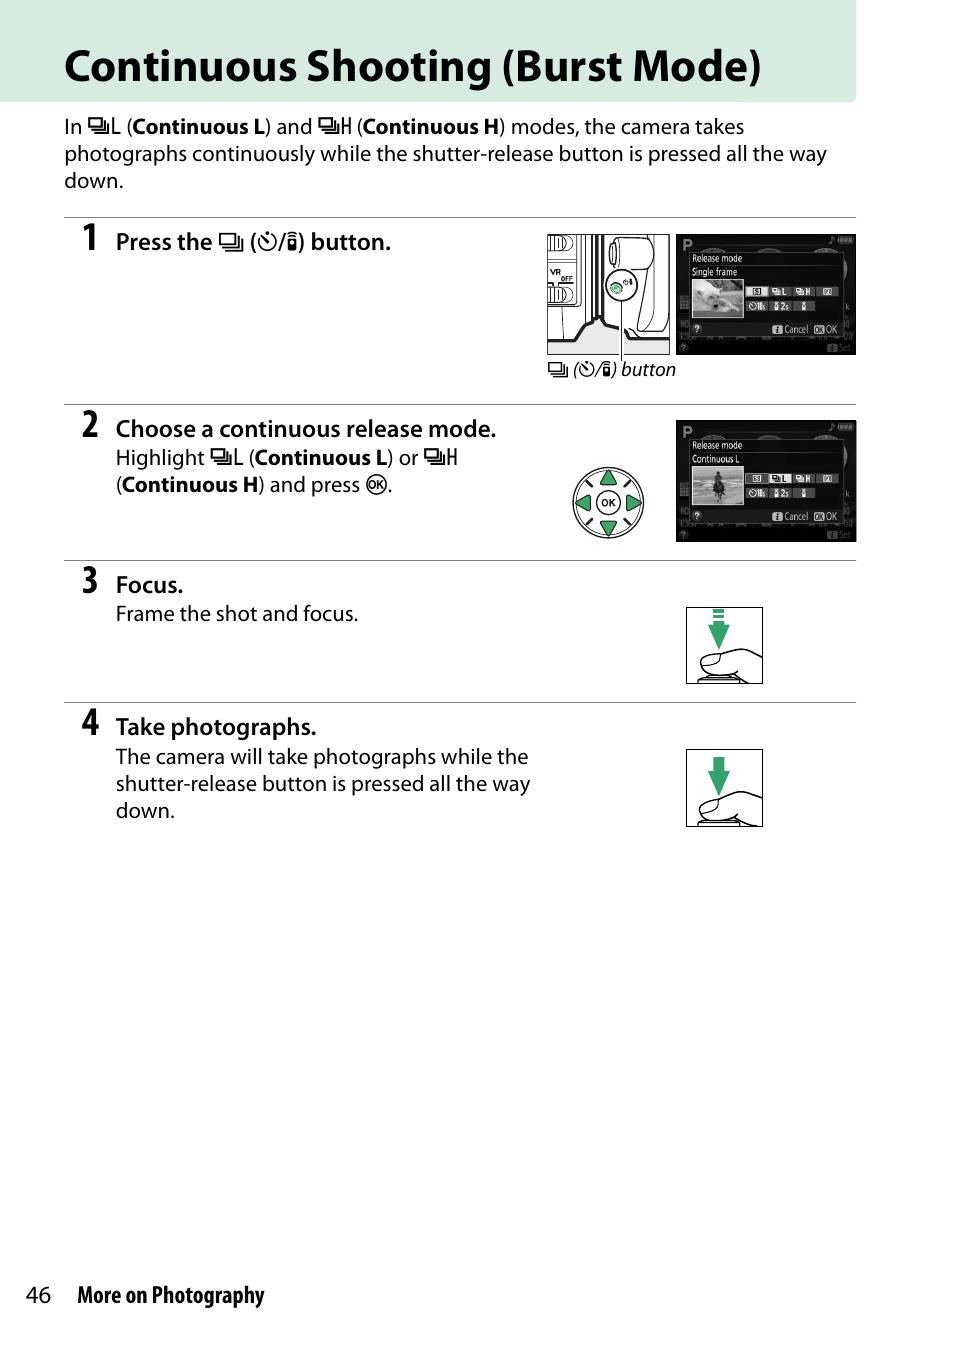 Continuous shooting (burst mode) | Nikon D5300 User Manual